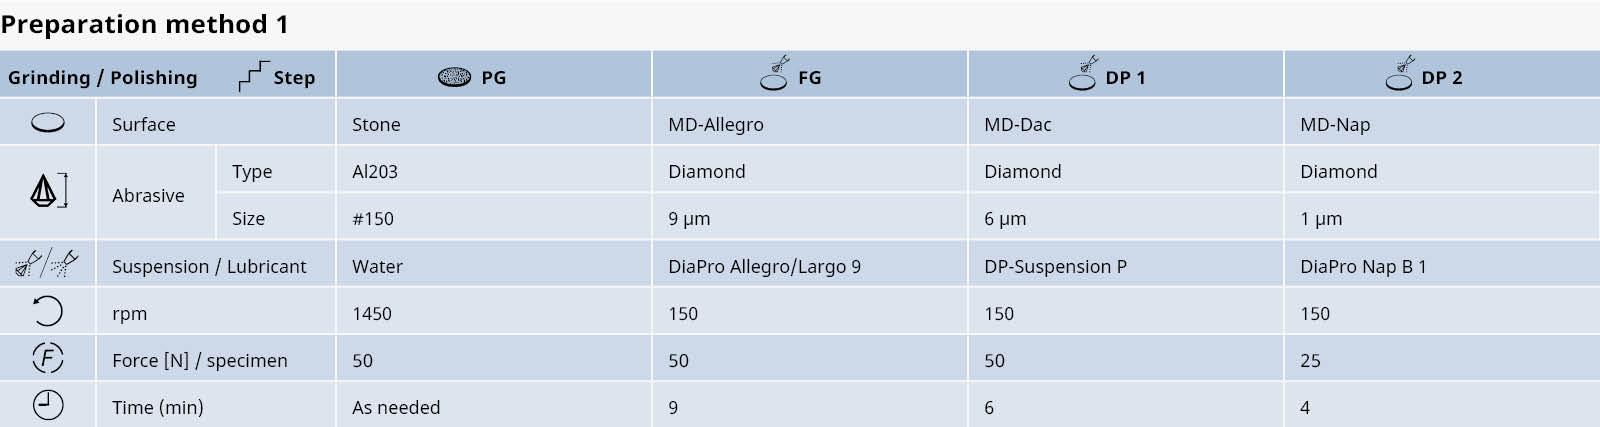 1m LOKIH /Électrodes /à Fil avec pour Acier Inoxydable et Alliage Aciers Stainless Wig//Tig Soudage308 diam/ètre 1,6 mm Poids 1 kg Longueur